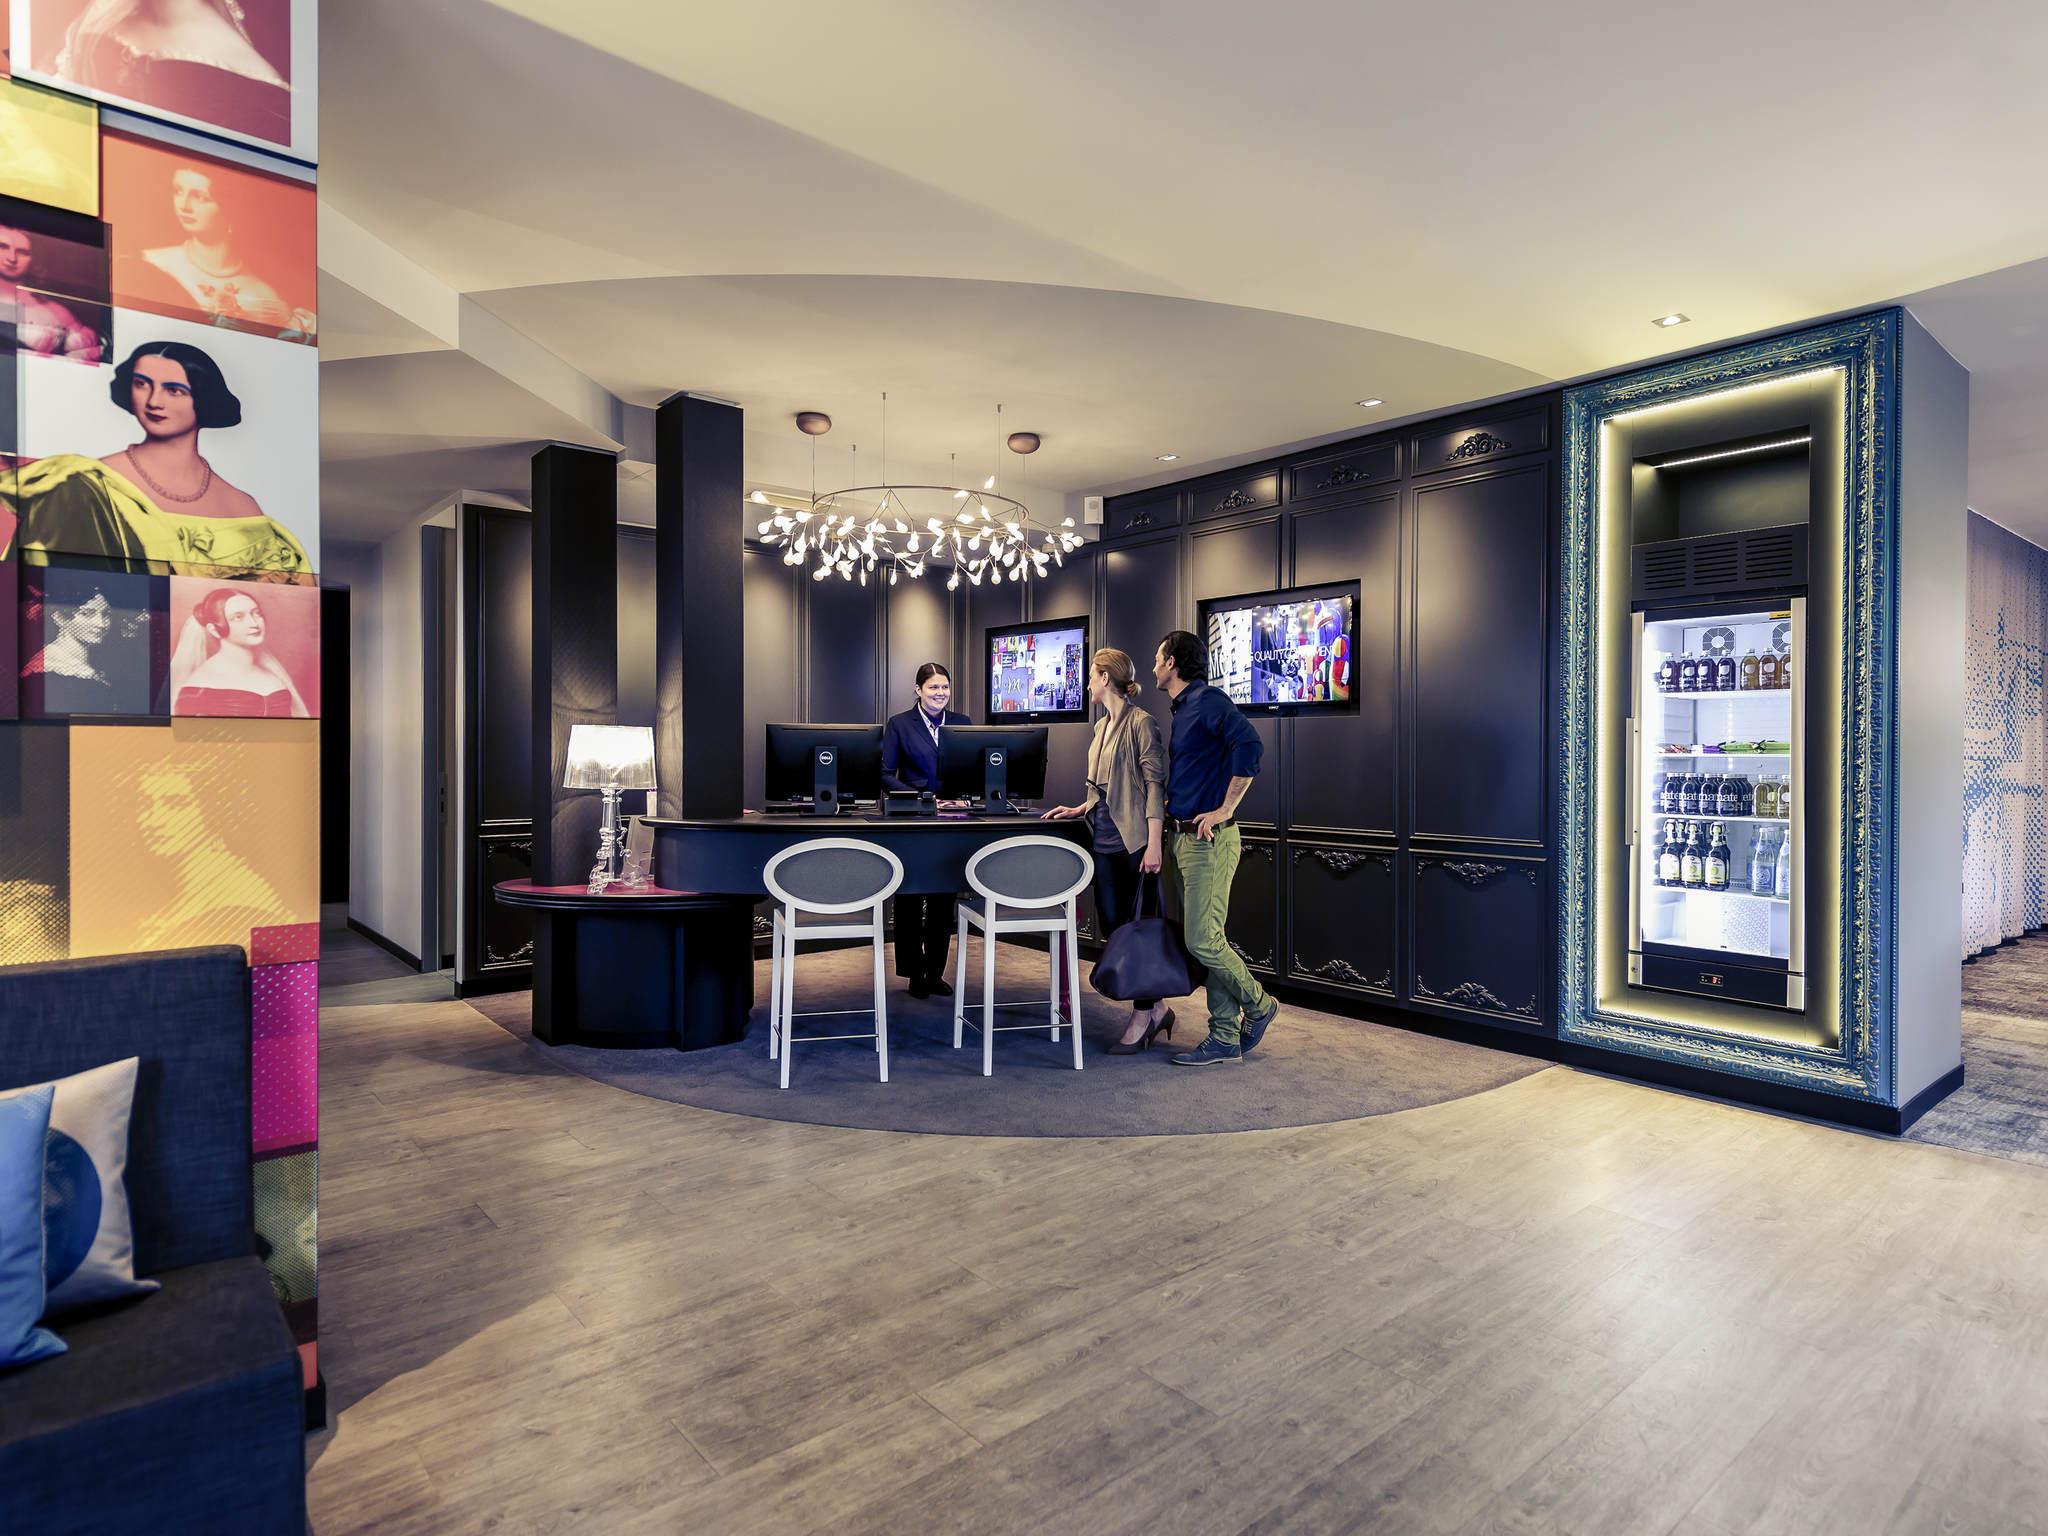 酒店 – 慕尼黑奥林匹亚公园美居酒店